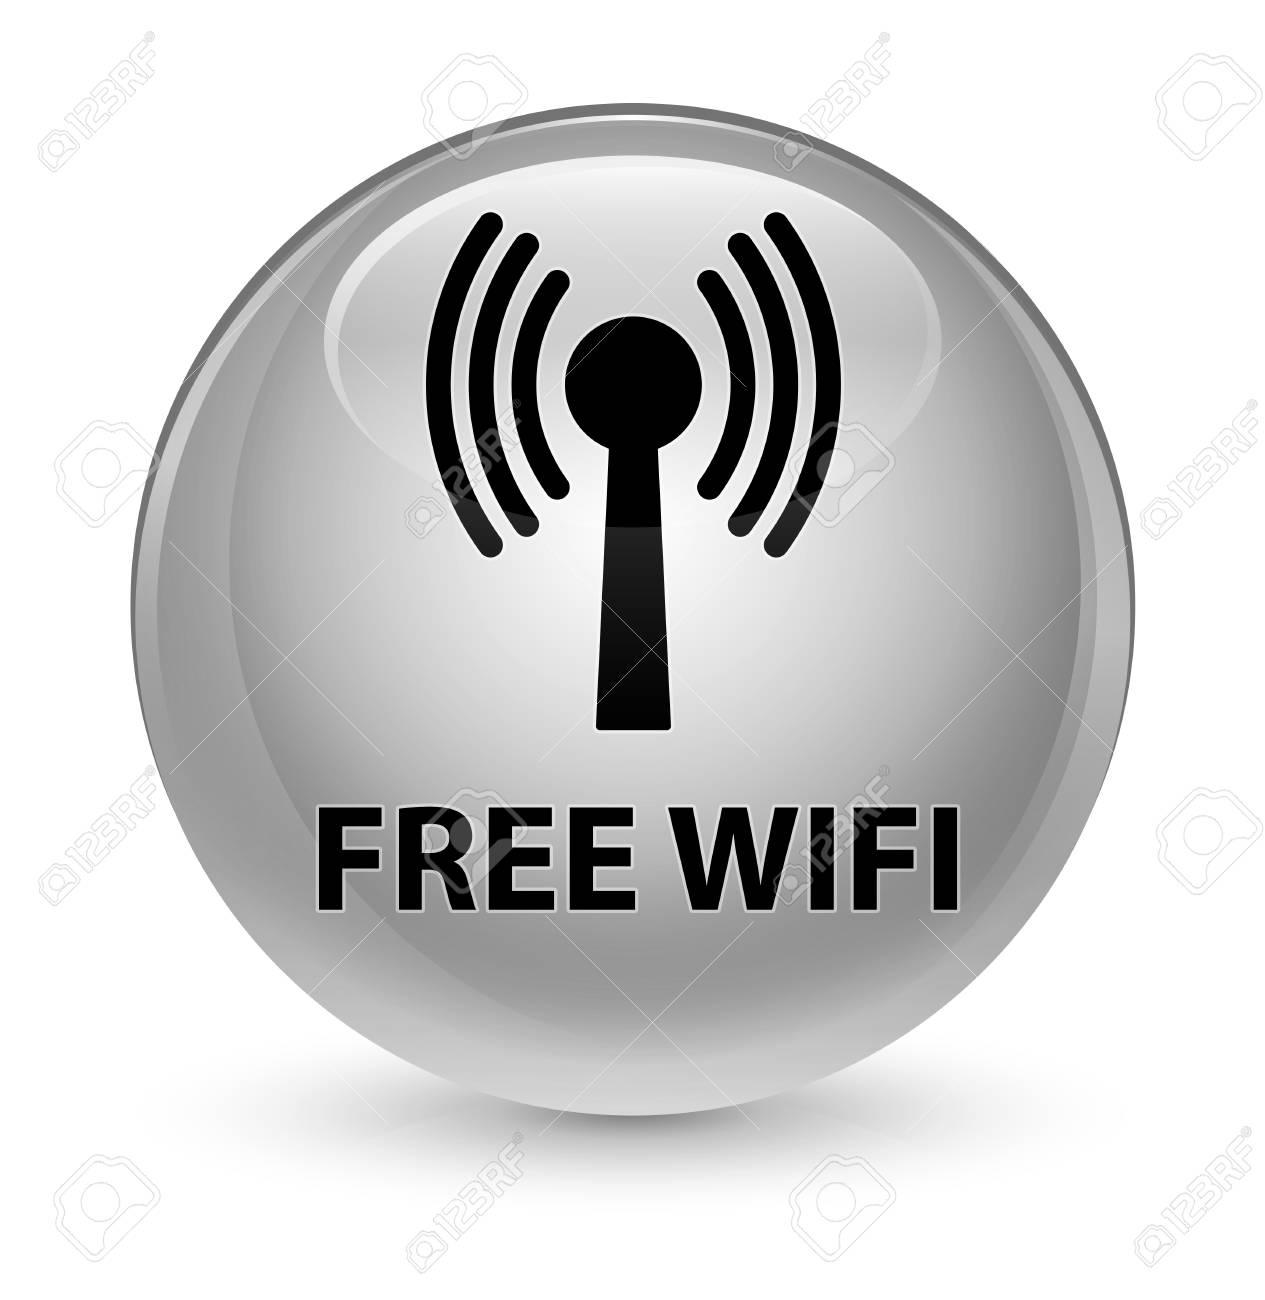 無料 Wifi 無線 Lan ネットワーク ボタンの抽象的なイラスト